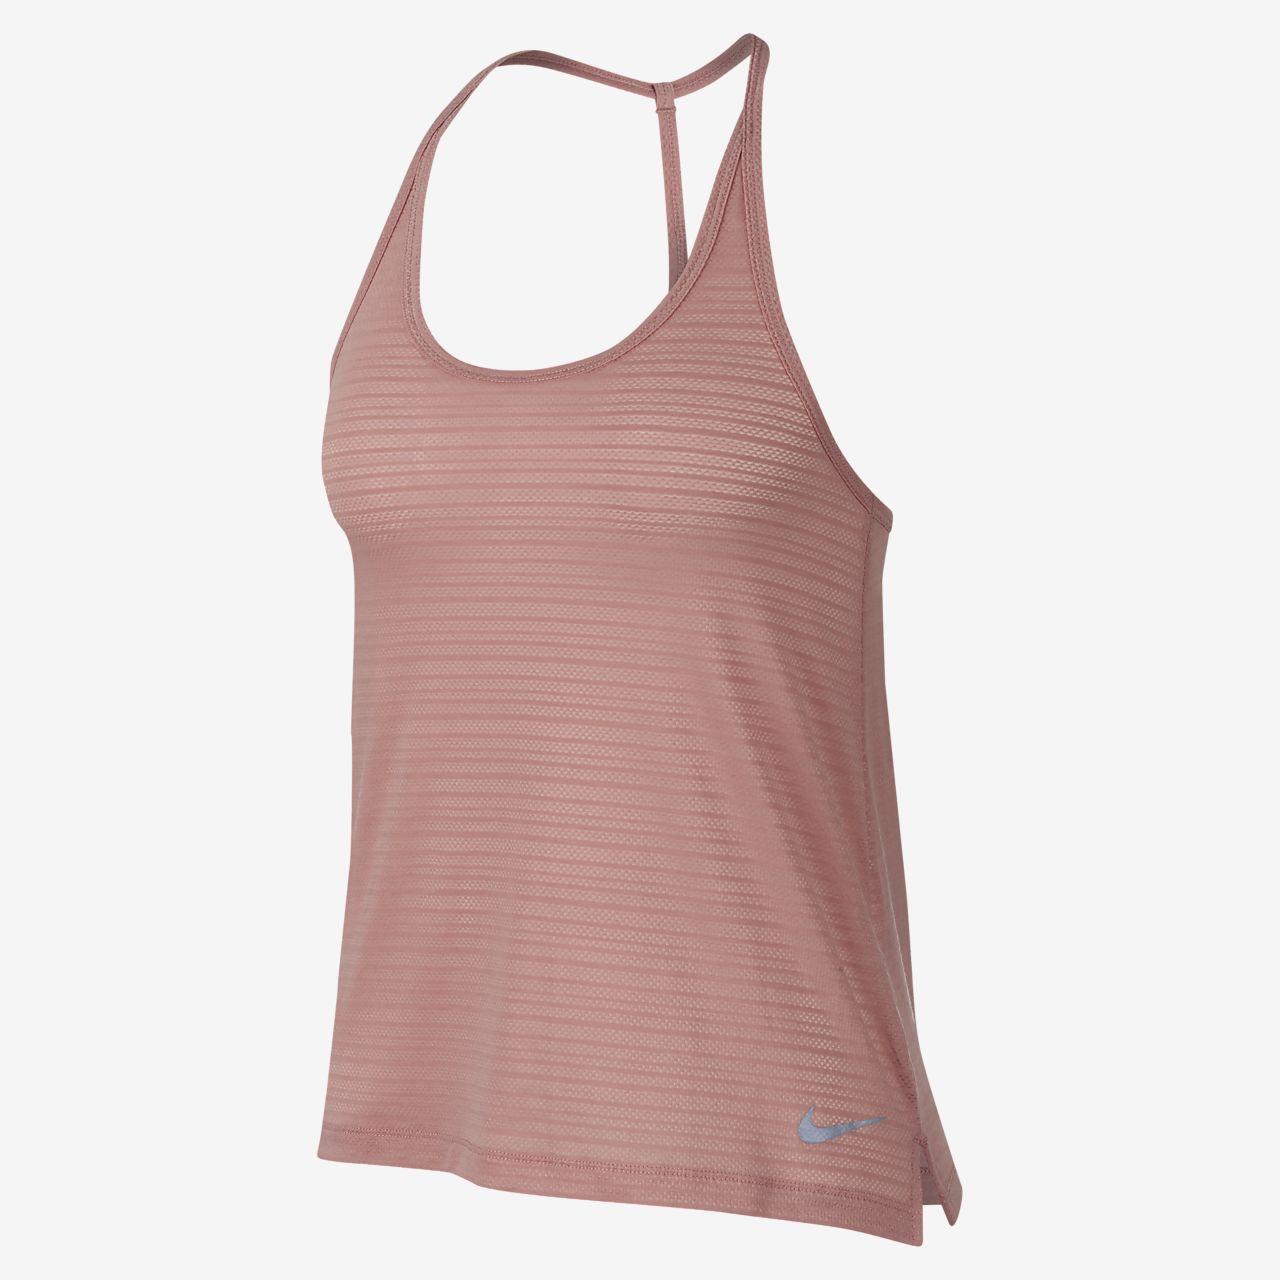 Löparlinne Nike Miler för kvinnor